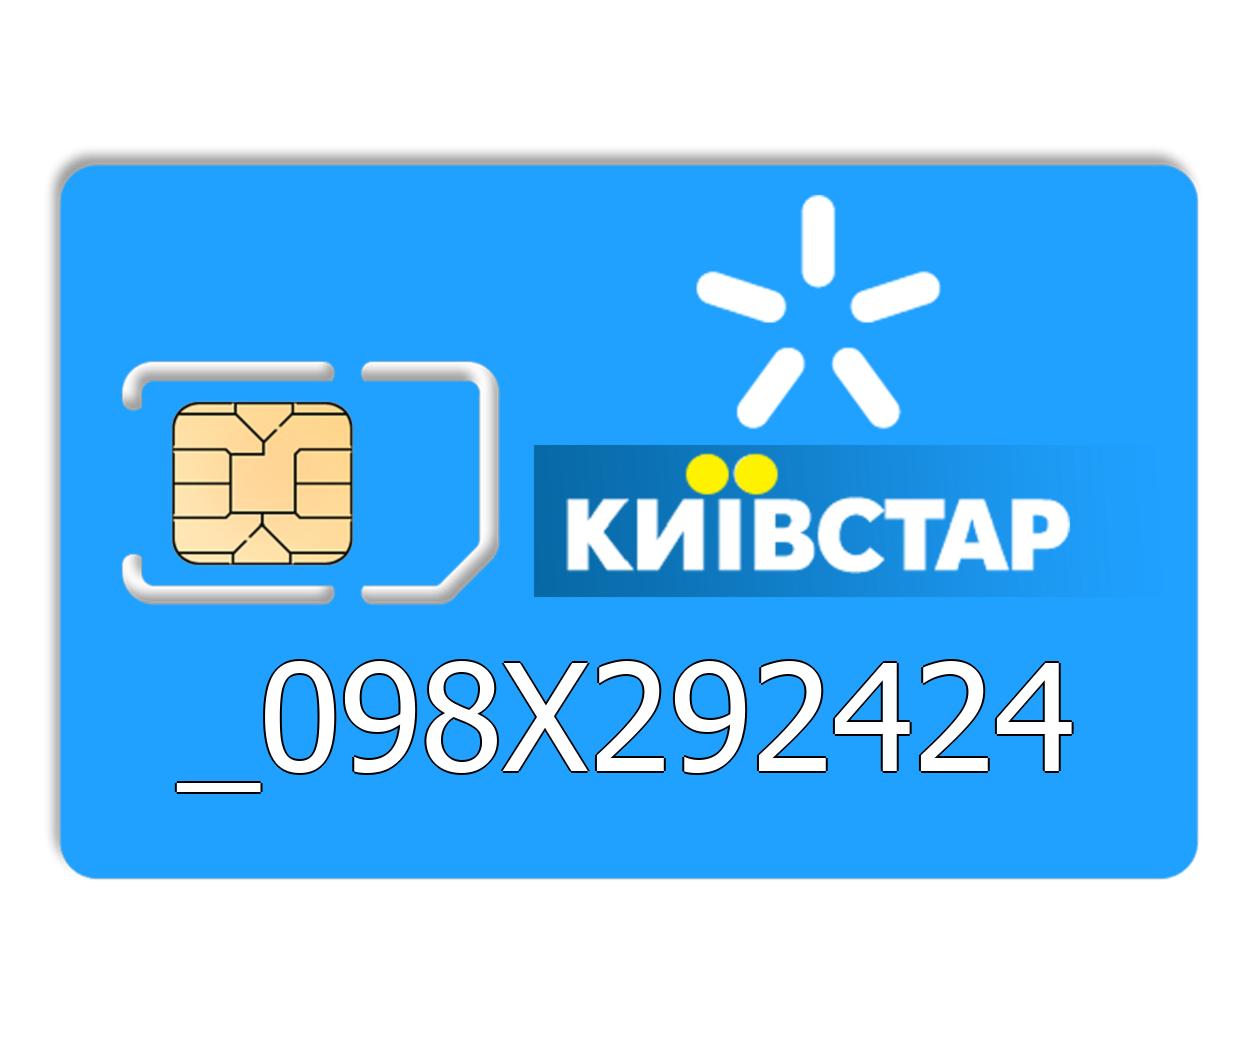 Красивый номер Киевстар 098 X29 24 24